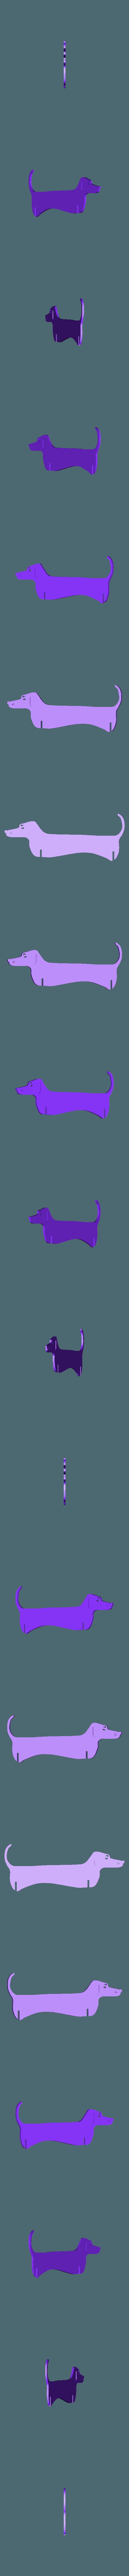 CUERPO.STL Télécharger fichier STL Chien / Saucisse Chien #ESUN3D • Modèle imprimable en 3D, dmanzano